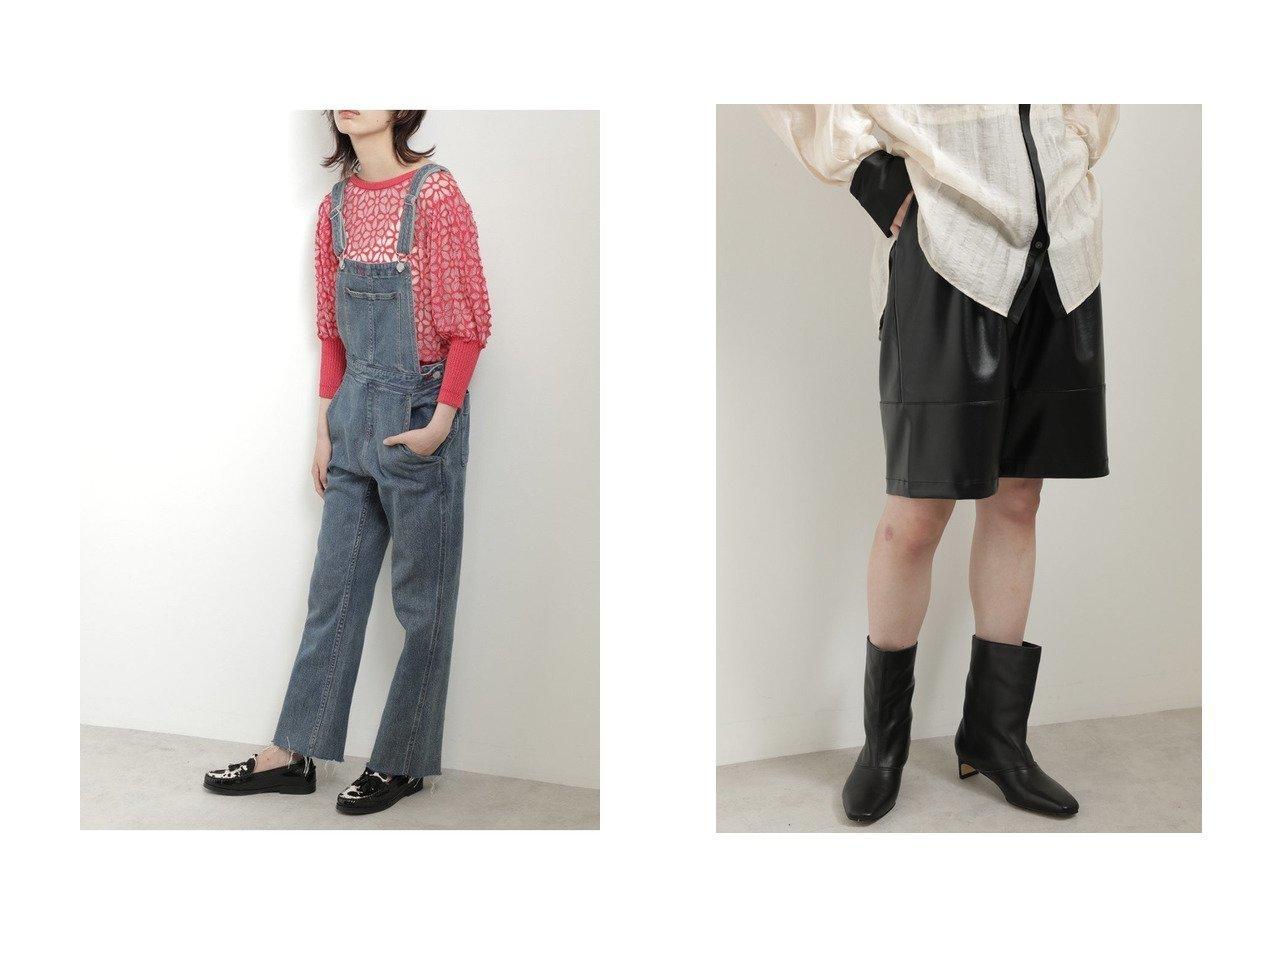 【ROSE BUD/ローズバッド】のストレートデニムオーバーオール&フェイクレザーハーフパンツ 【パンツ】おすすめ!人気、トレンド・レディースファッションの通販 おすすめで人気の流行・トレンド、ファッションの通販商品 インテリア・家具・メンズファッション・キッズファッション・レディースファッション・服の通販 founy(ファニー) https://founy.com/ ファッション Fashion レディースファッション WOMEN パンツ Pants ハーフ / ショートパンツ Short Pants 2020年 2020 2020-2021秋冬・A/W AW・Autumn/Winter・FW・Fall-Winter/2020-2021 2021年 2021 2021-2022秋冬・A/W AW・Autumn/Winter・FW・Fall-Winter・2021-2022 A/W・秋冬 AW・Autumn/Winter・FW・Fall-Winter デニム ショート ハーフ フェイクレザー ポケット  ID:crp329100000060456